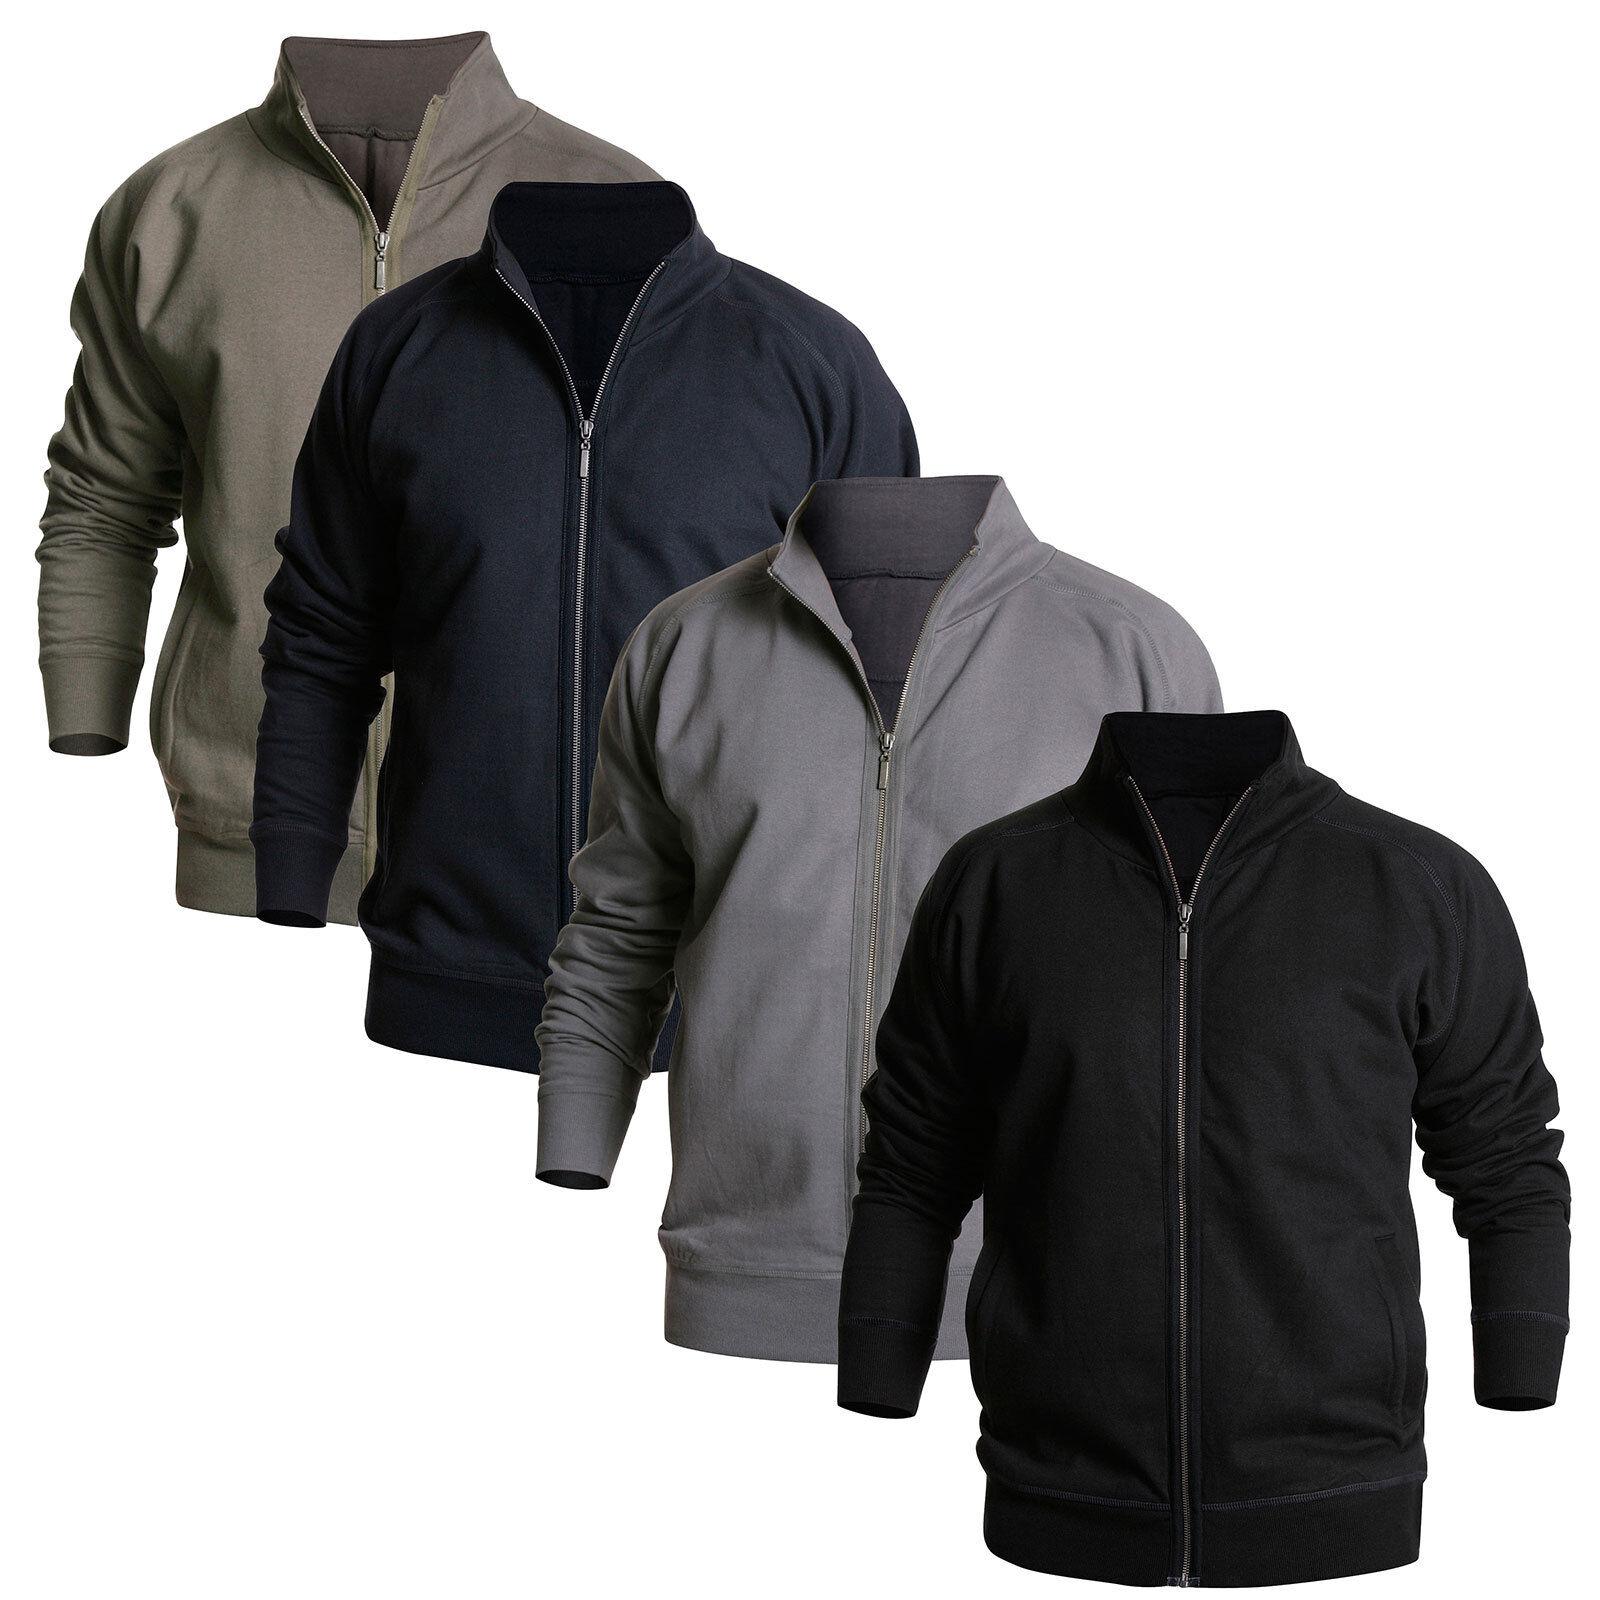 Blaklader Full Zipped Work SweatShirt  - 3349